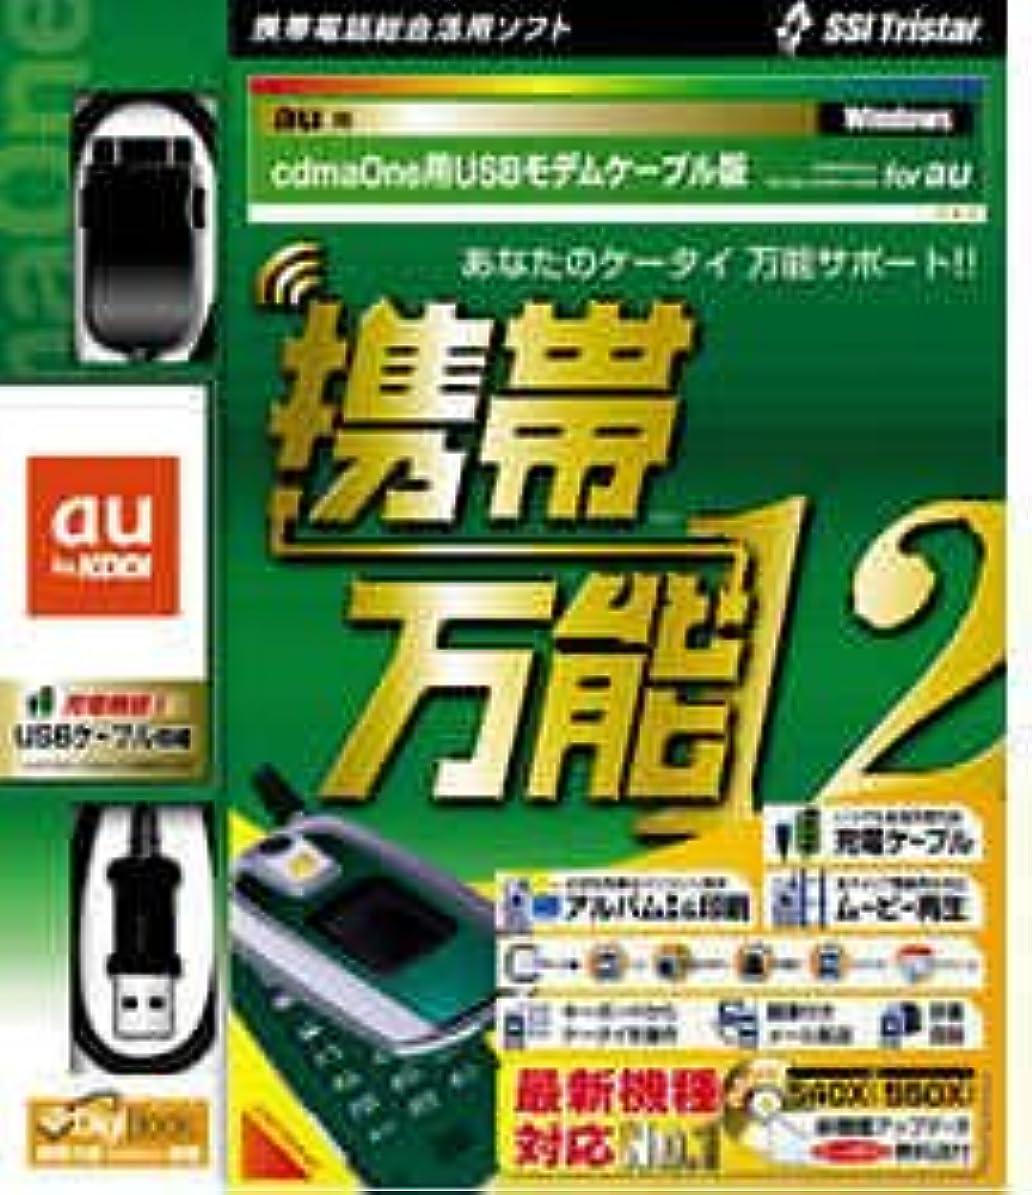 フェミニン実行するナチュラ携帯万能 12 cdmaOne用充電機能付きUSBモデムケーブル版